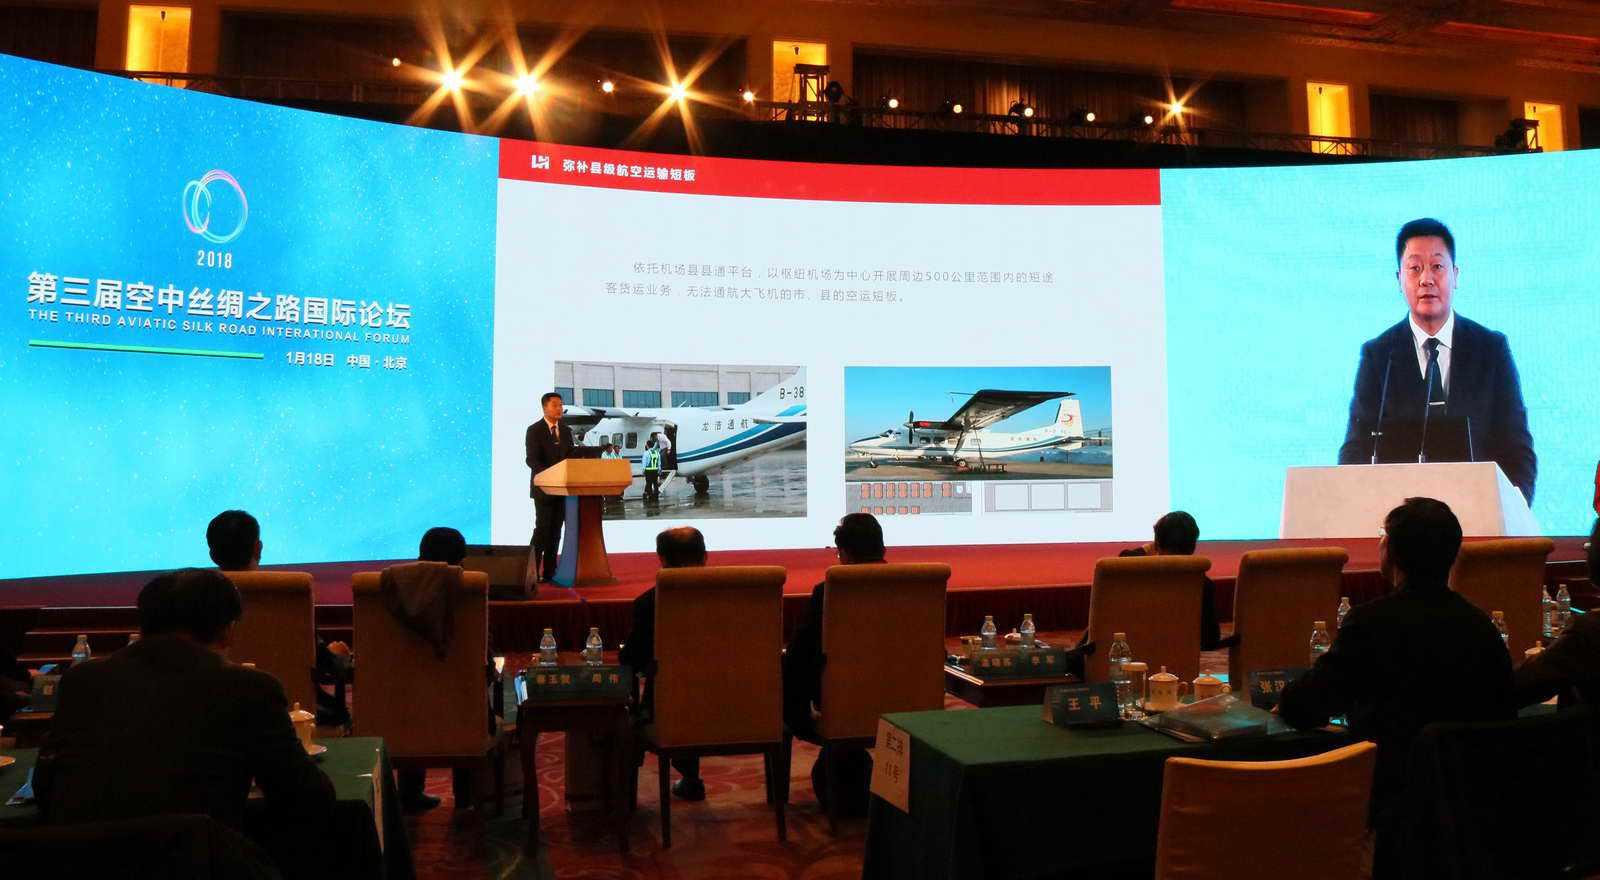 第三届空中丝绸之路国际论坛在京举办